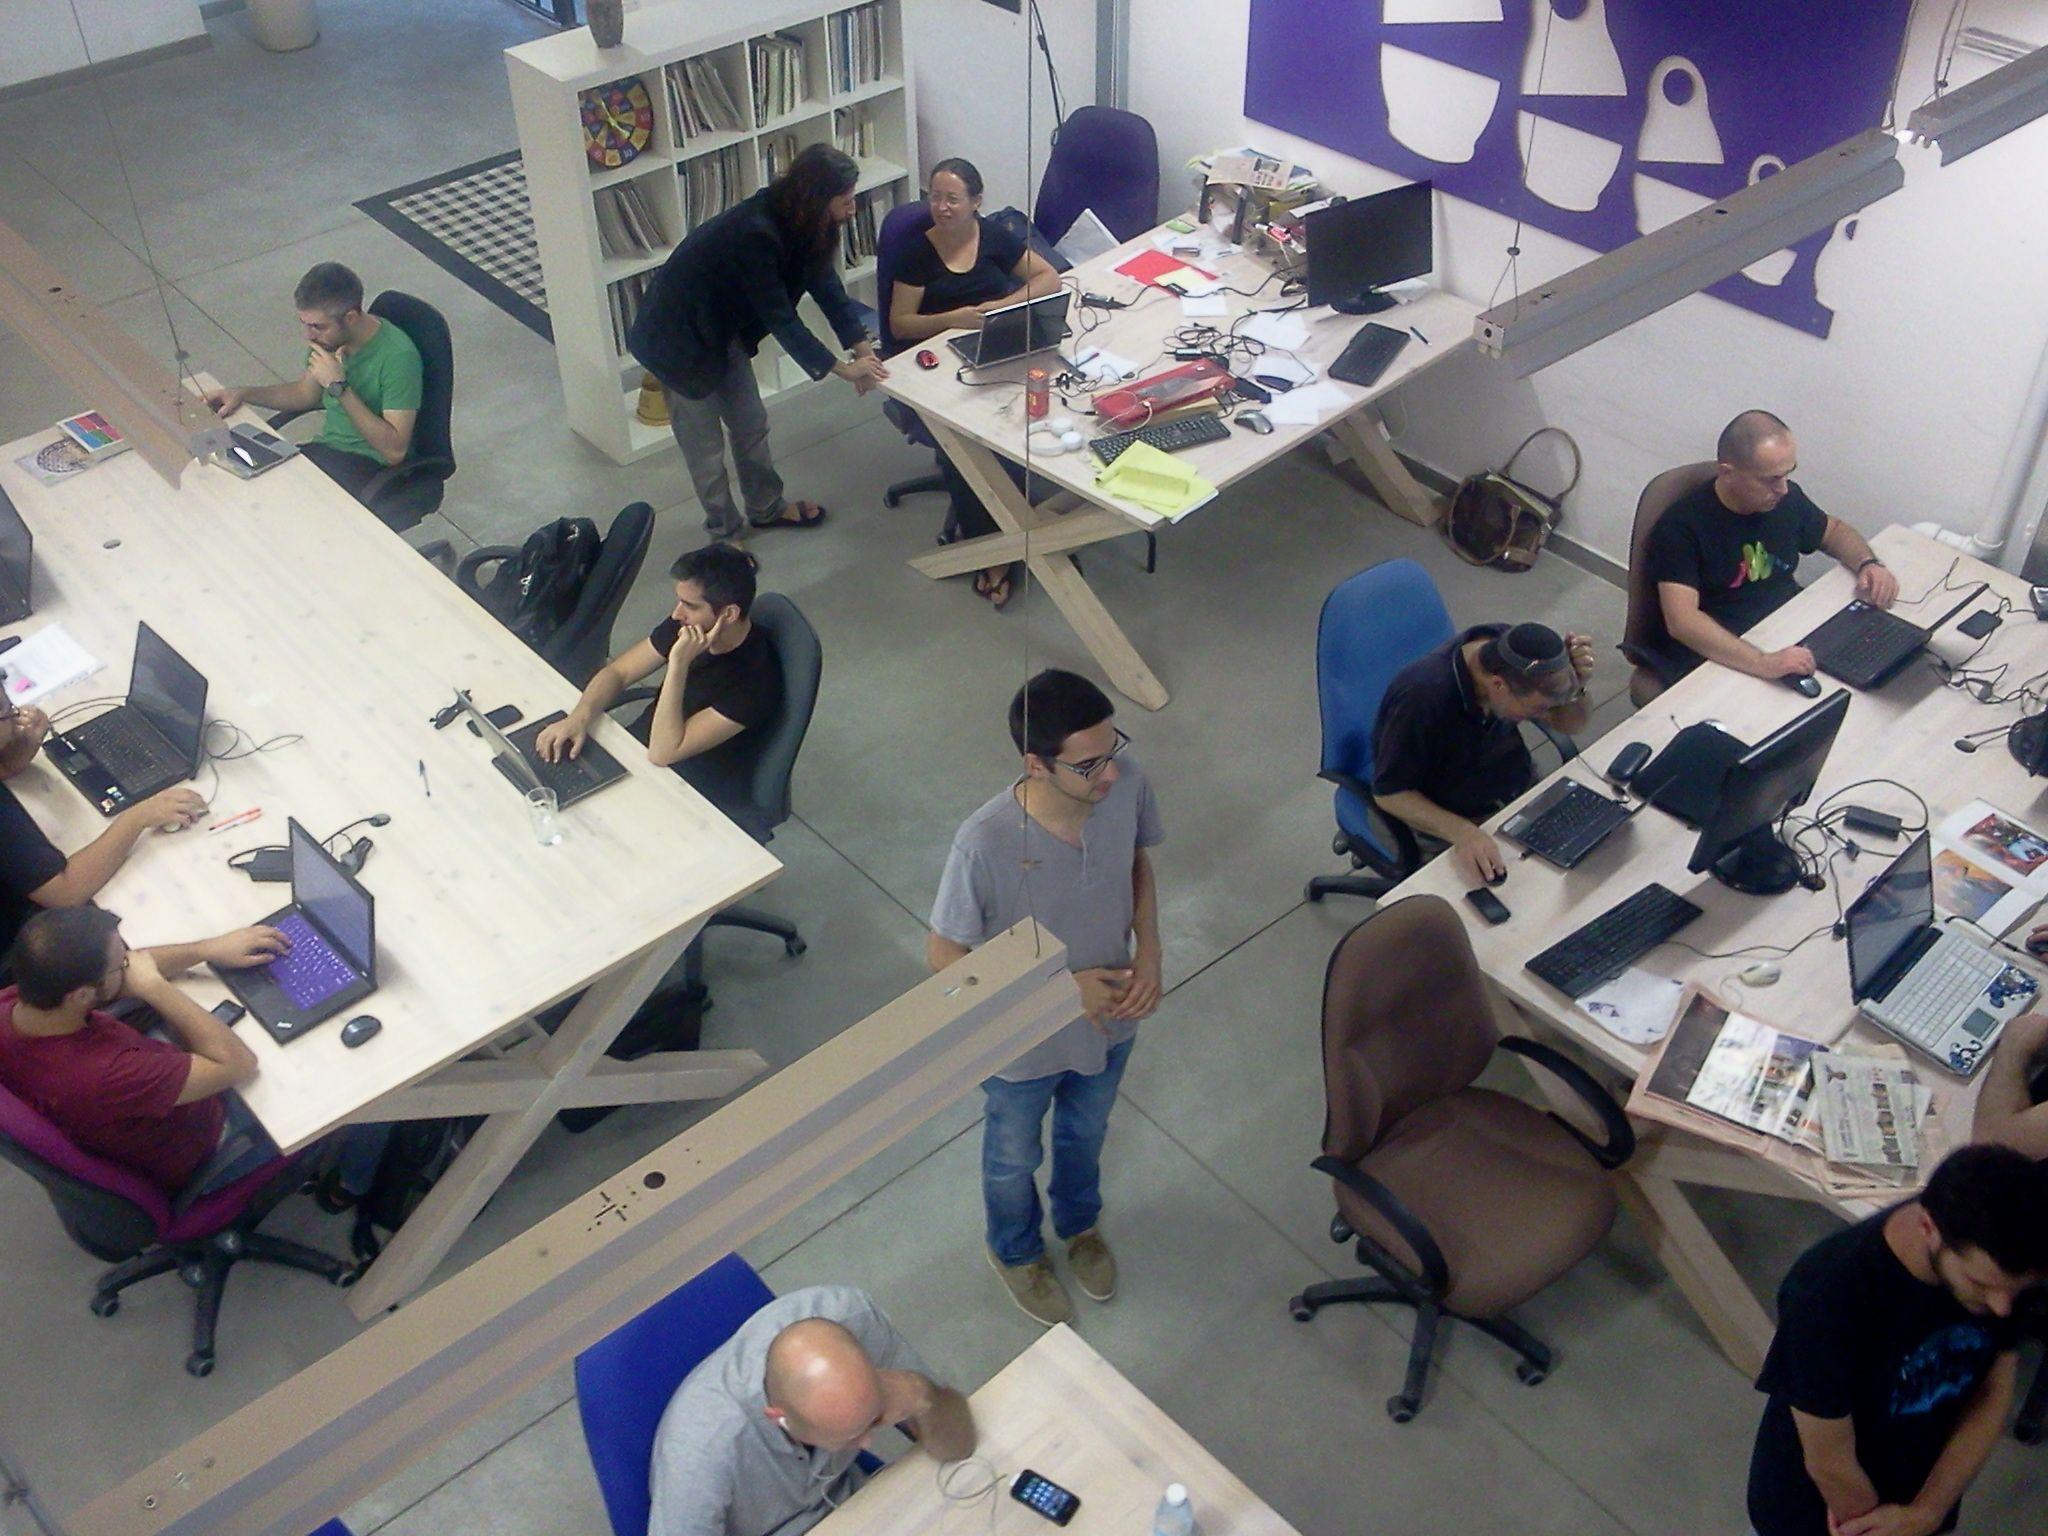 OpenTechSchool Tel-Aviv